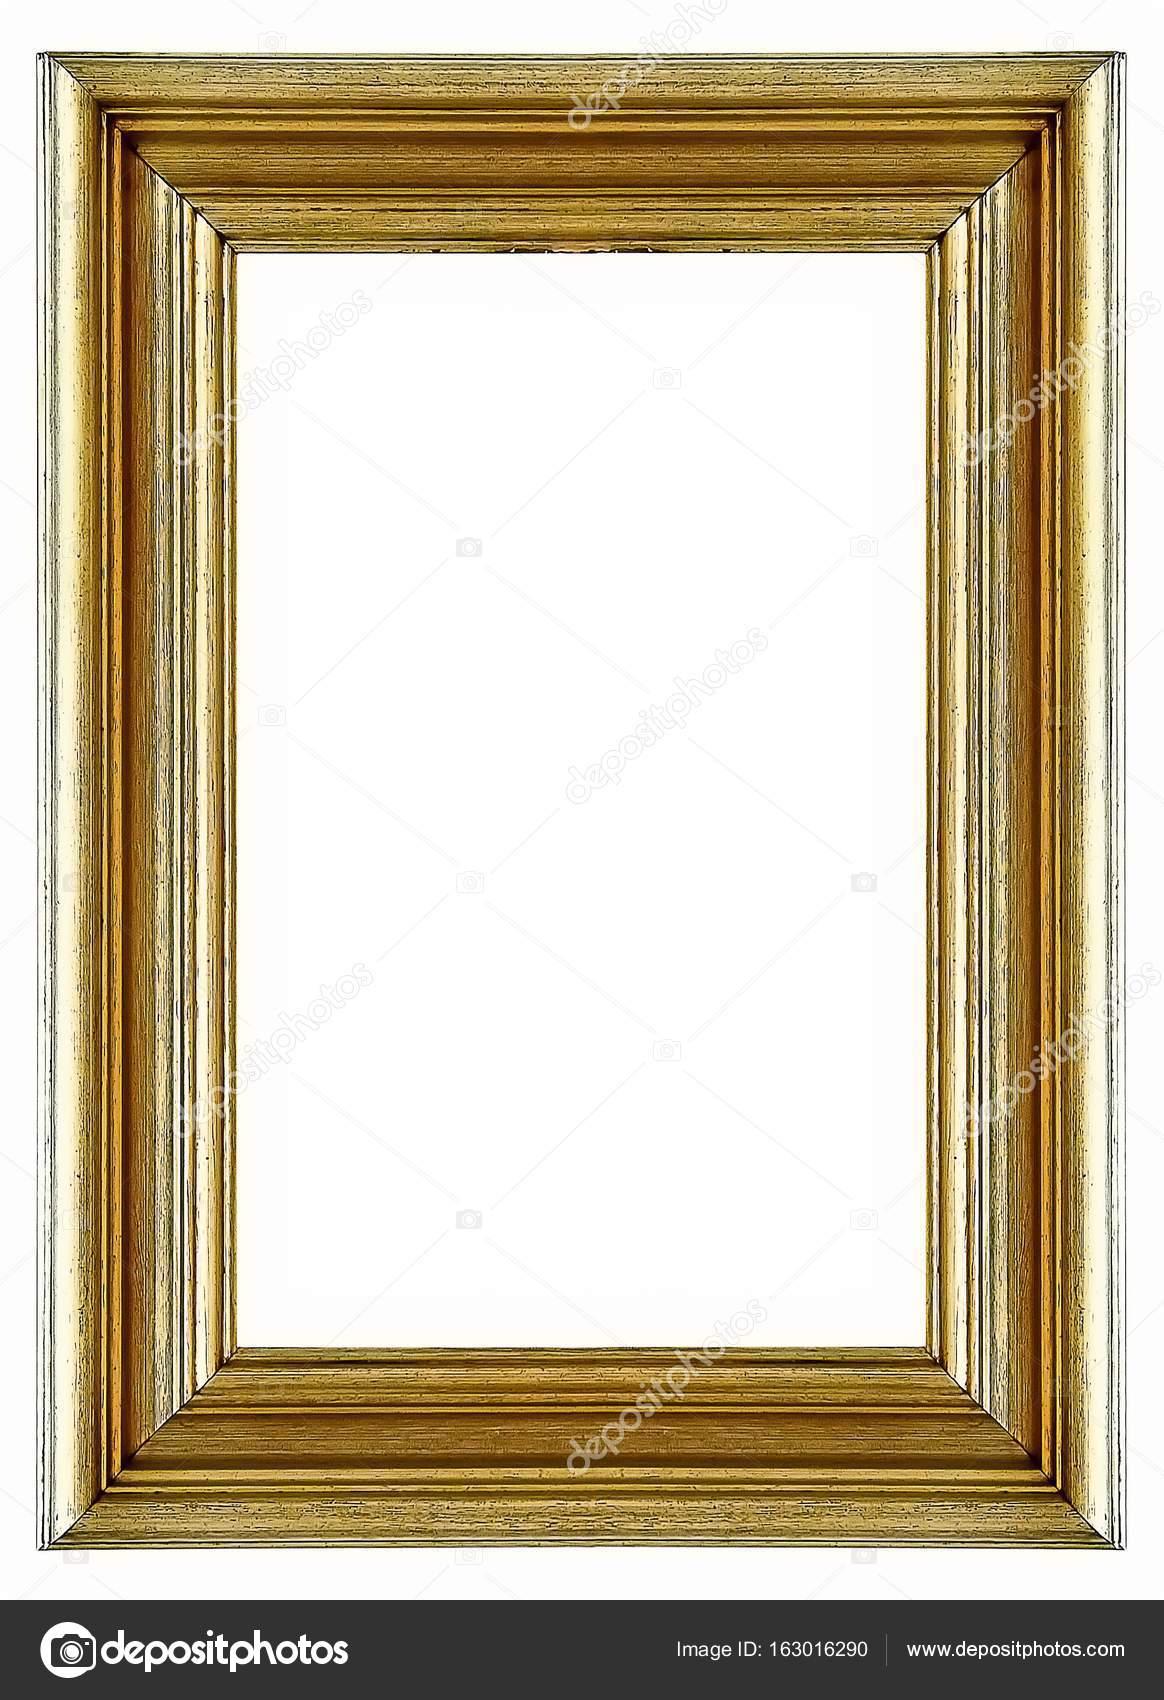 Vergoldeter Rahmen isoliert auf weißem Hintergrund — Stockfoto ...